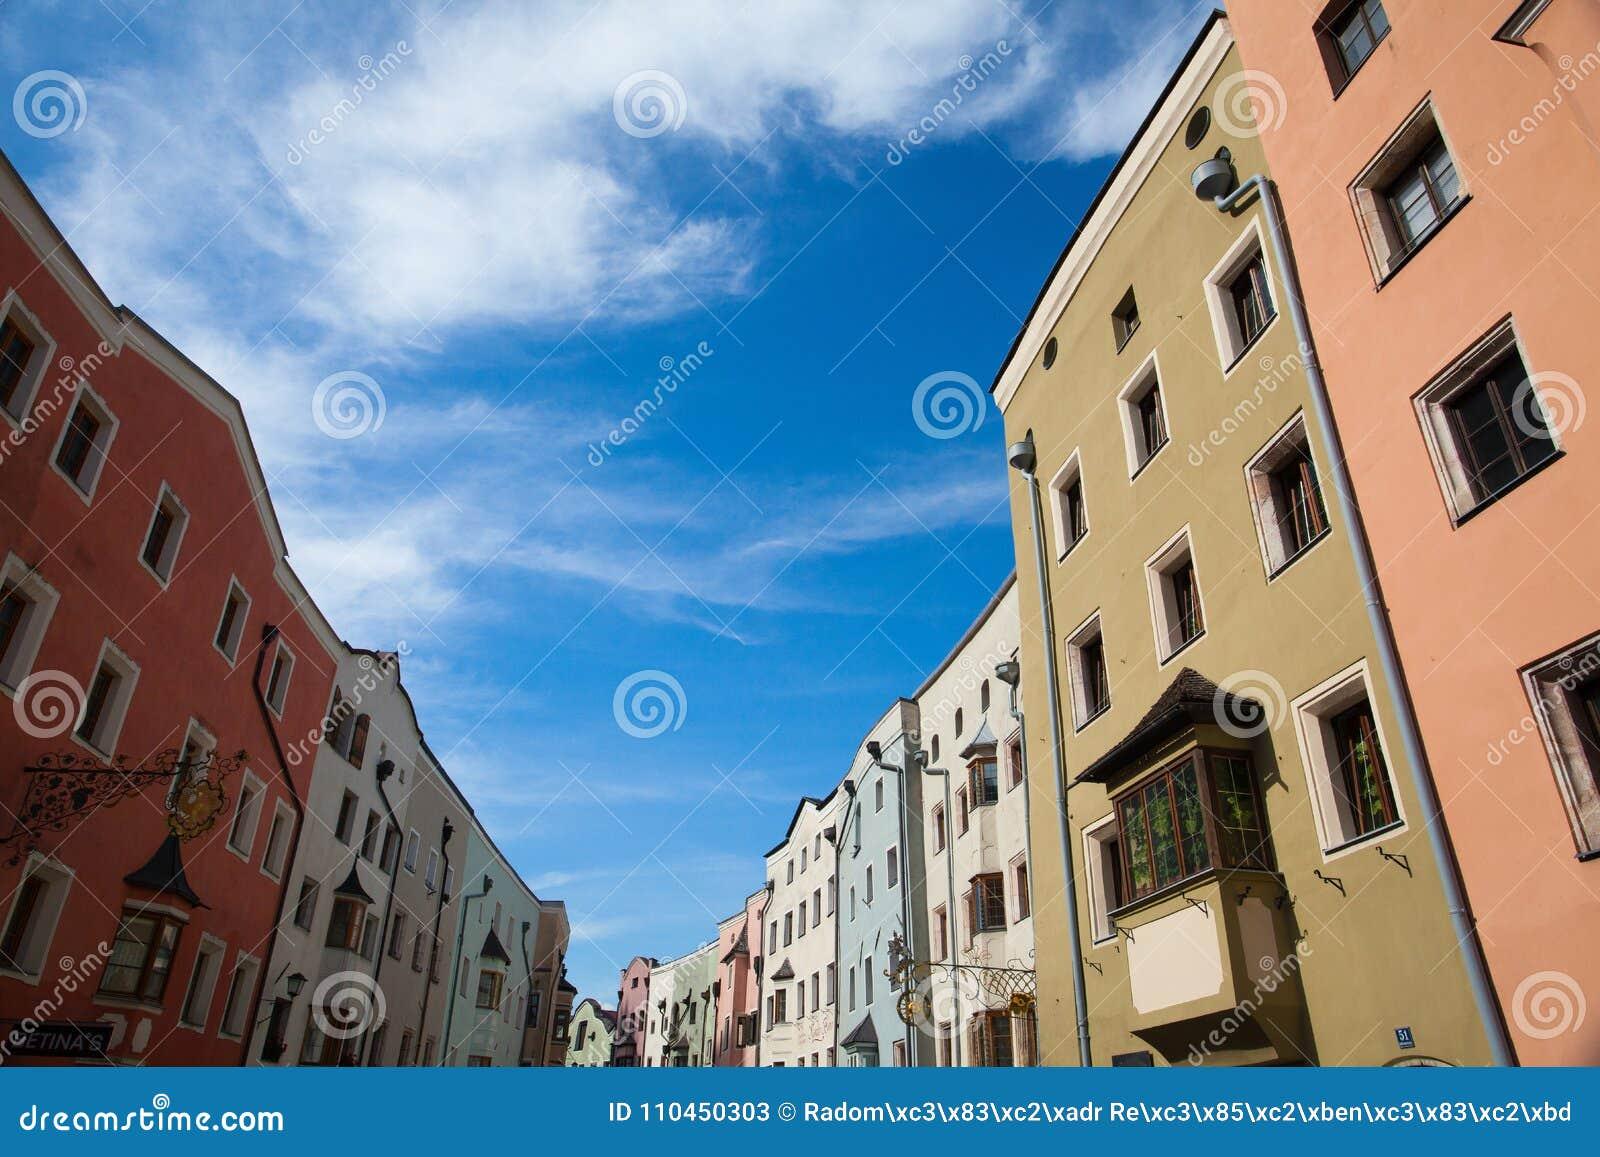 Historisk mitt av Rattenberg, en liten och pittoresk medieva